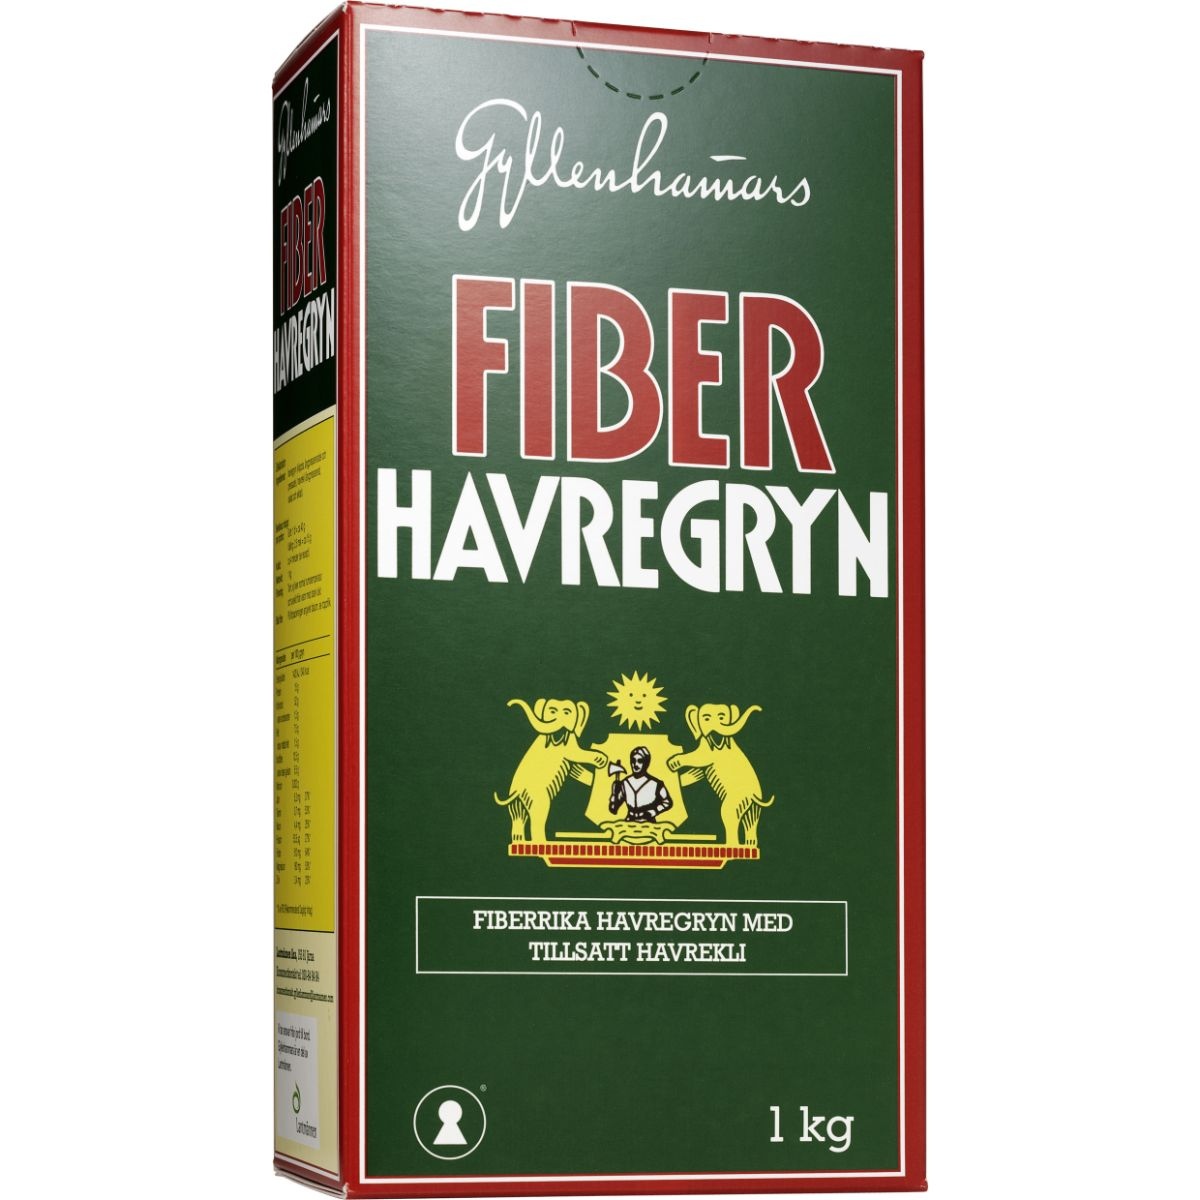 havregryn med fiber